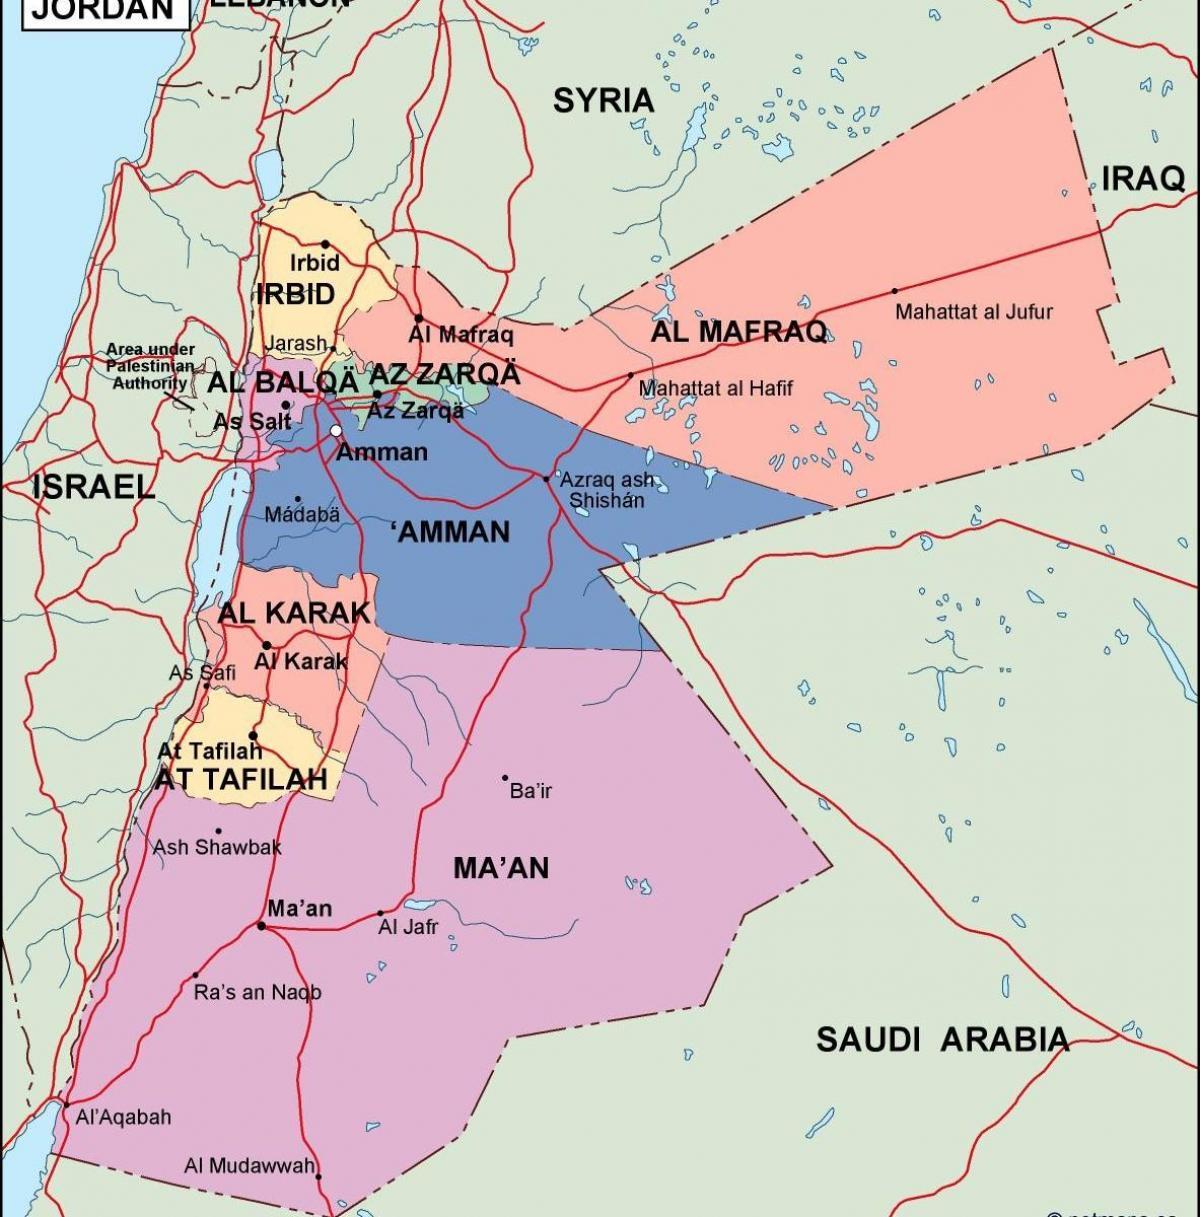 La Jordanie Politique Carte Carte De La Jordanie Politique